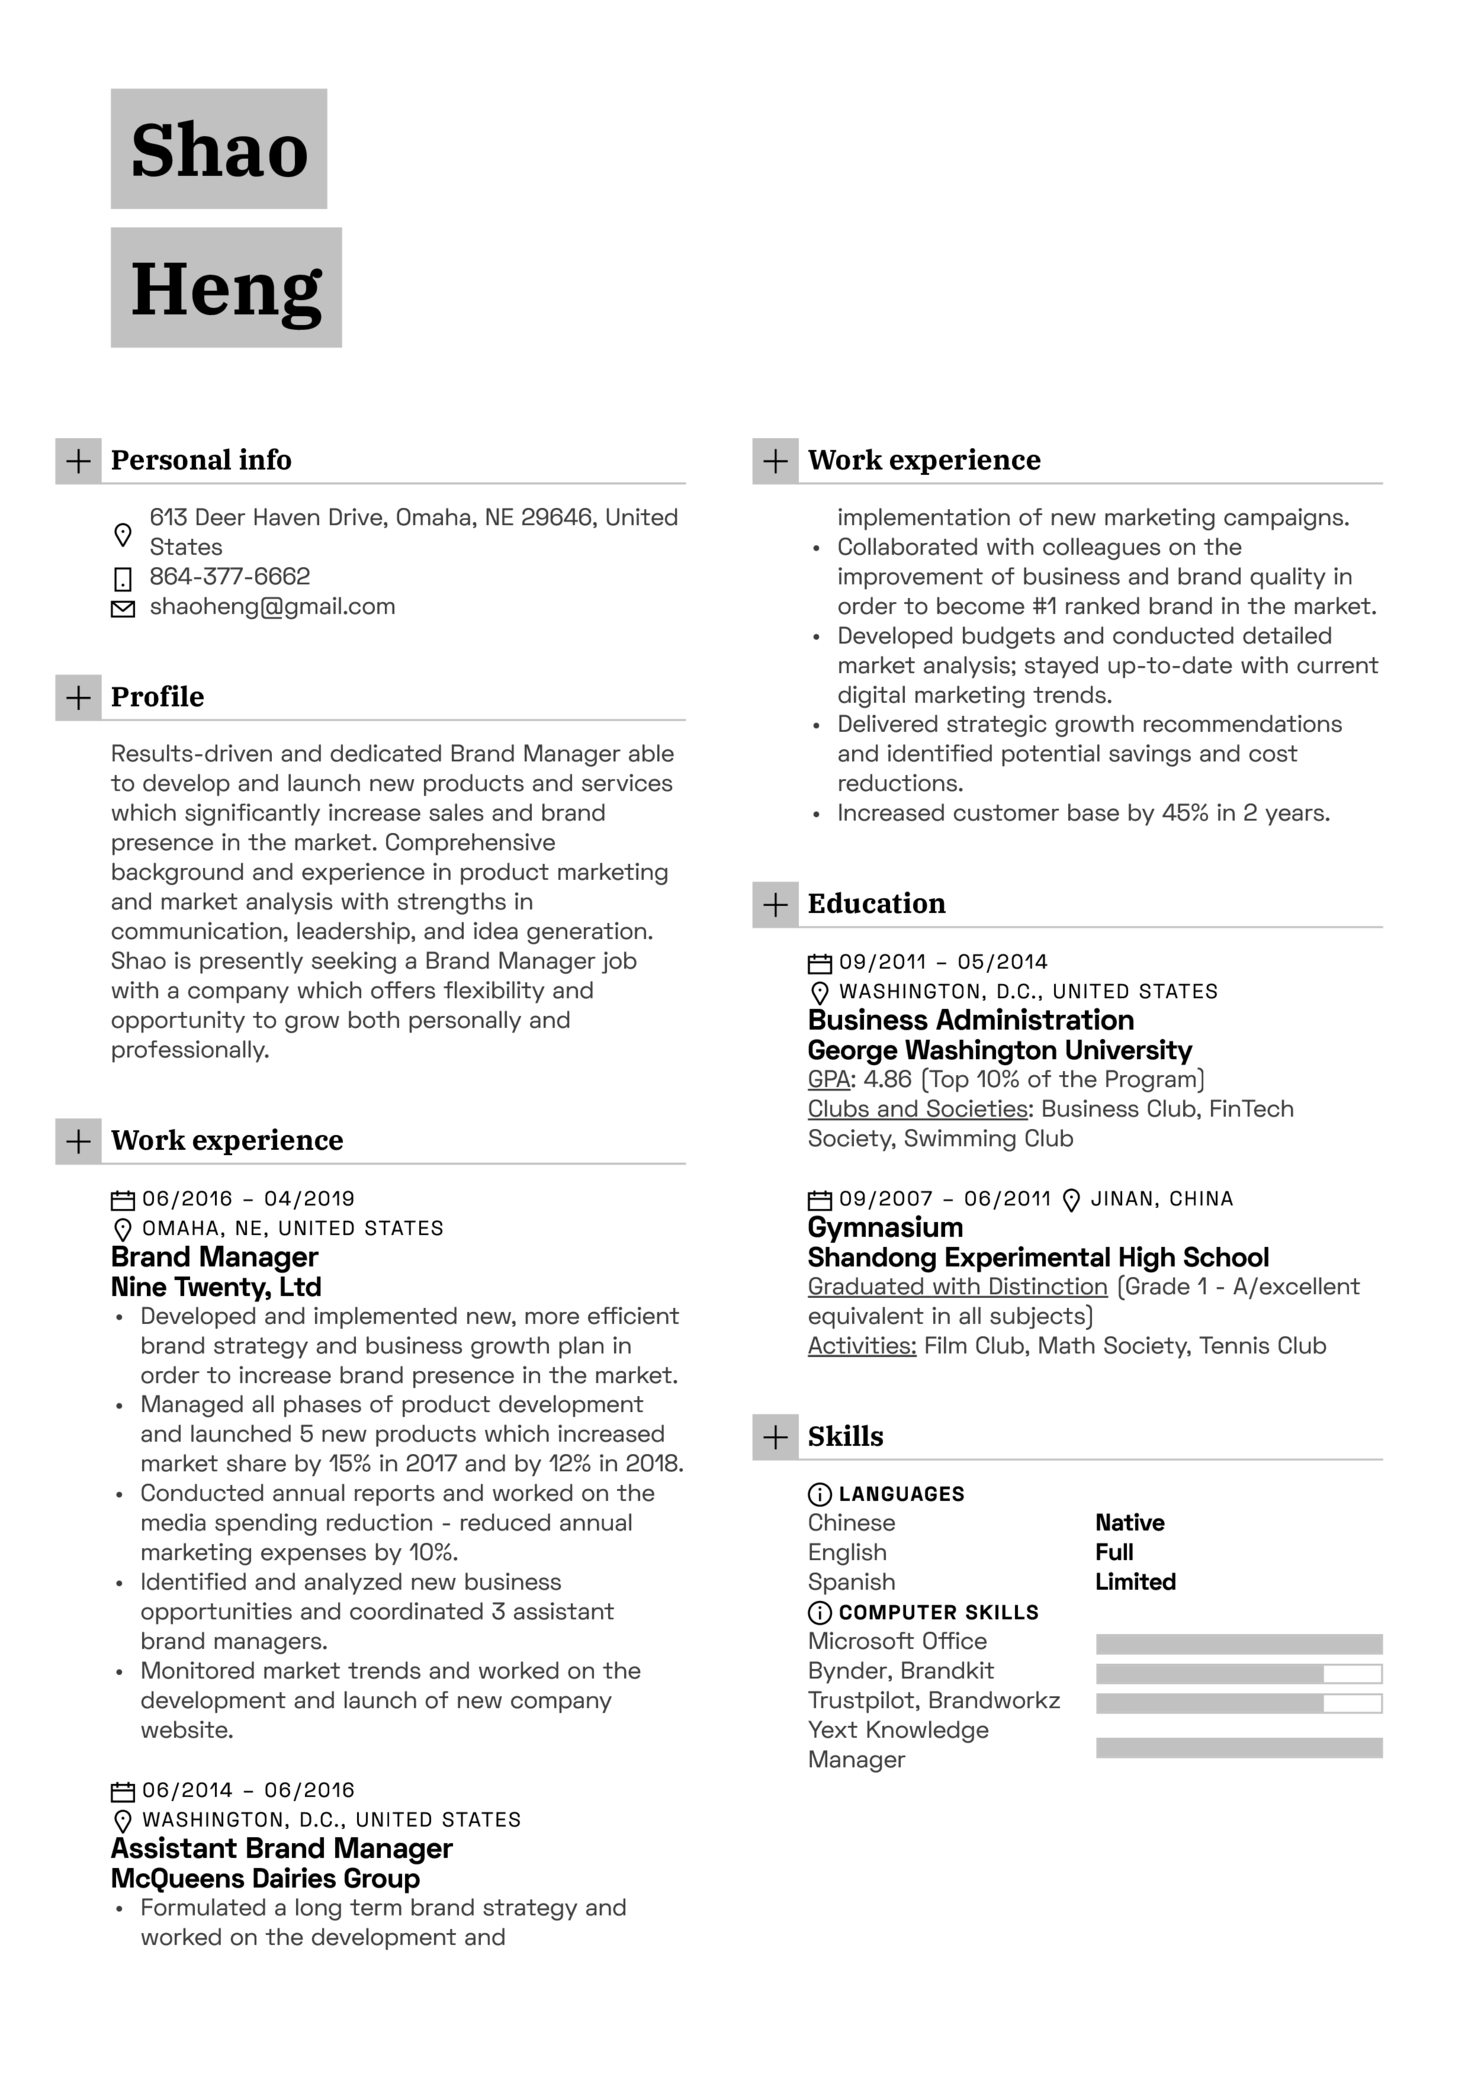 Brand Manager Resume Example (časť 1)